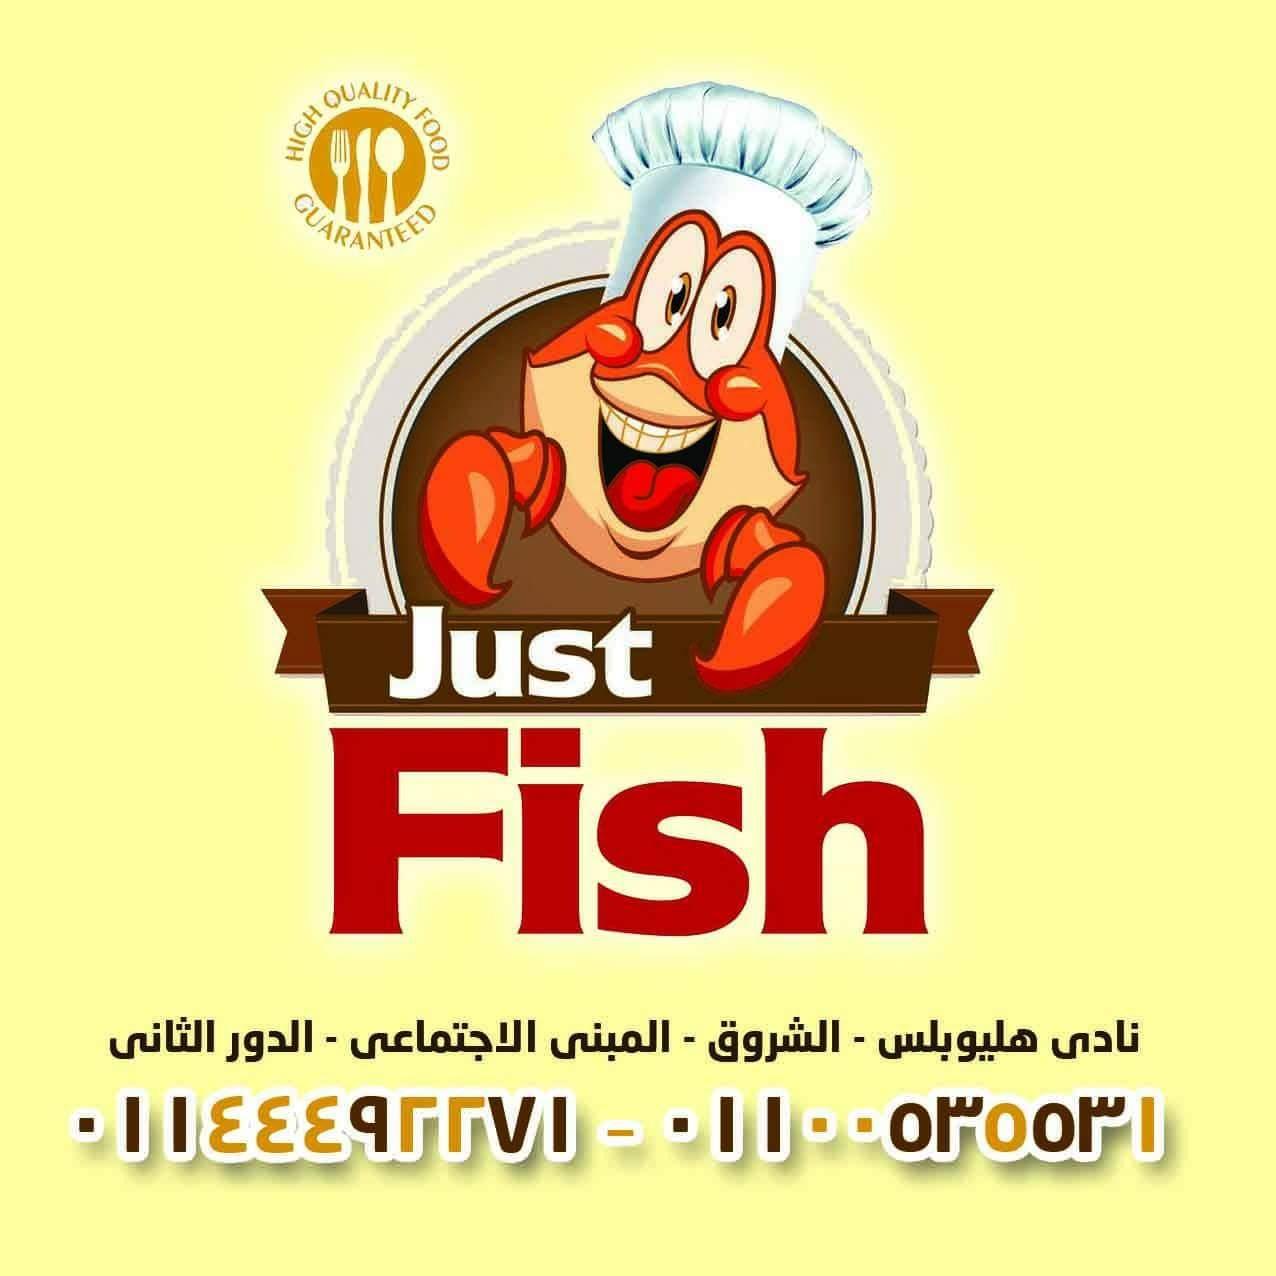 مطعم Just Fish للمأكولات البحرية